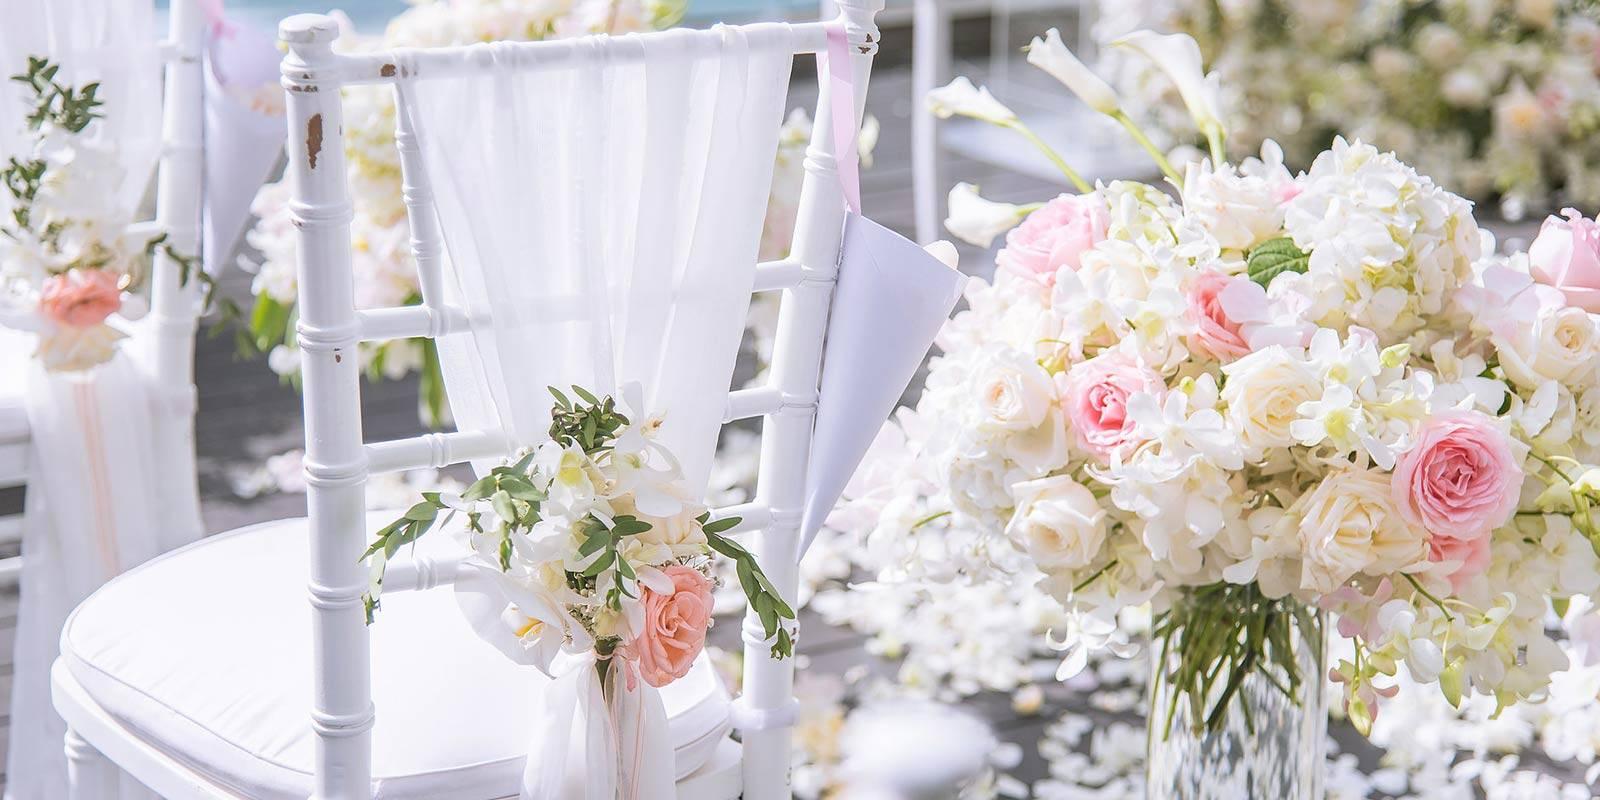 organizzazione eventi matrimonio lombardia 7